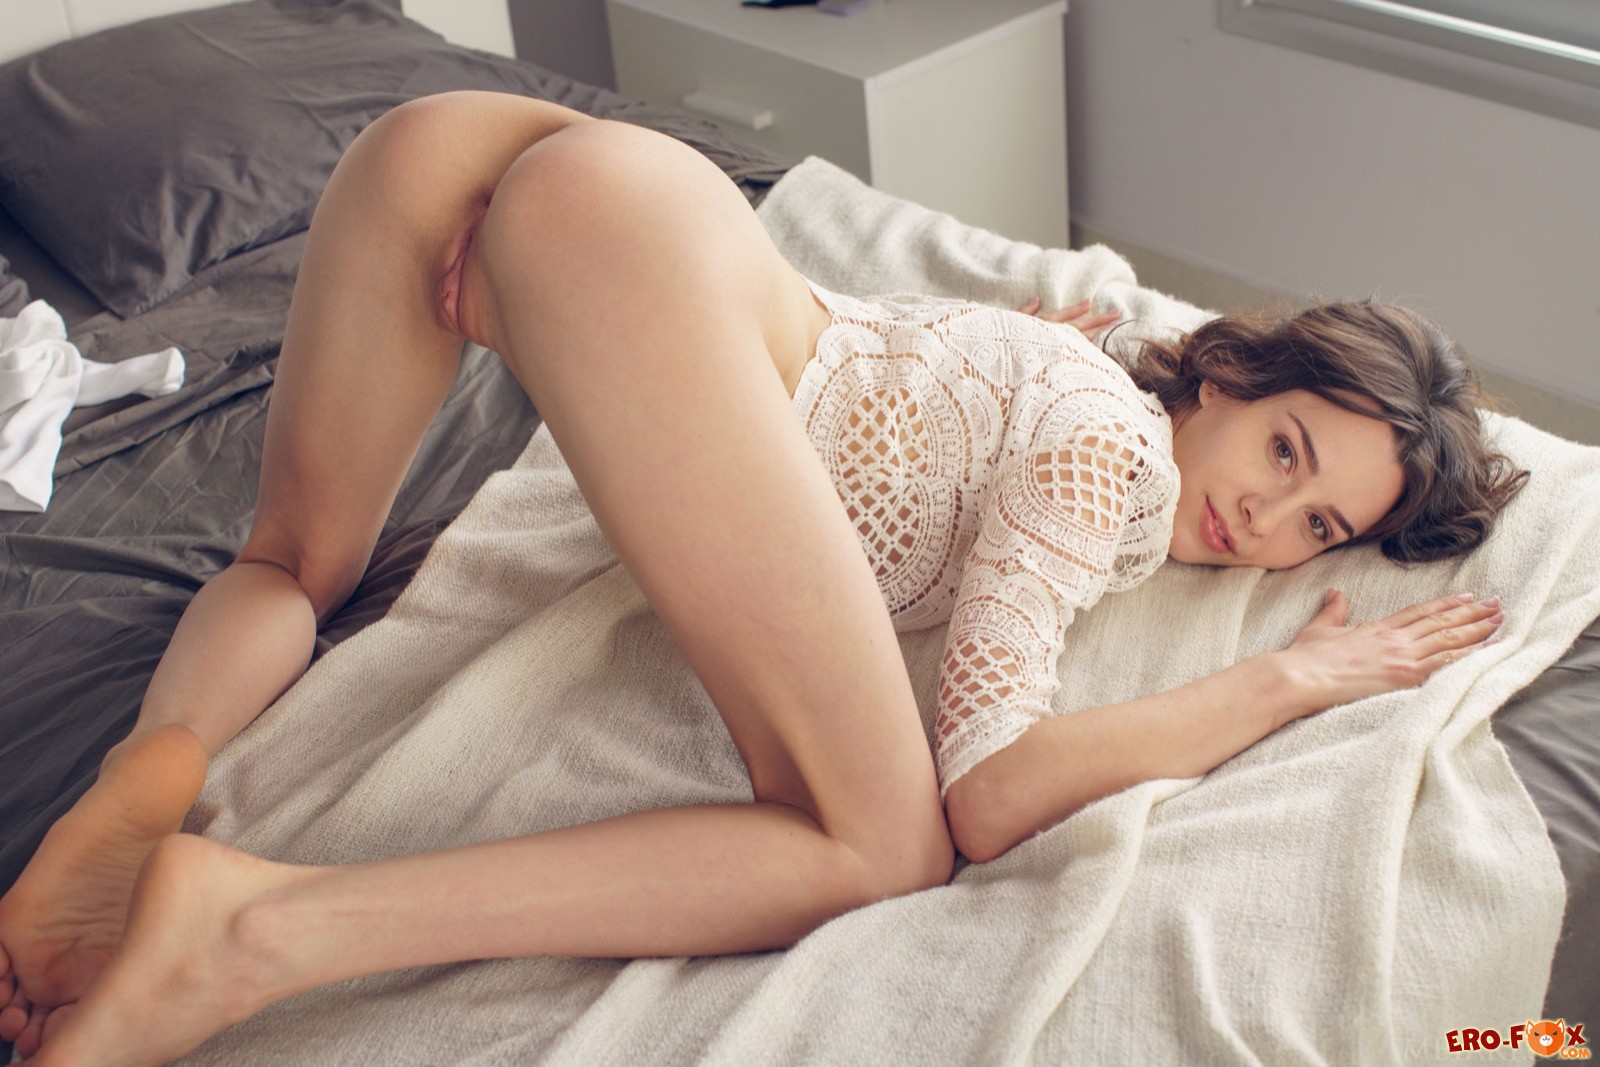 Белые чулки на худеньких ножках сексуальной девушки